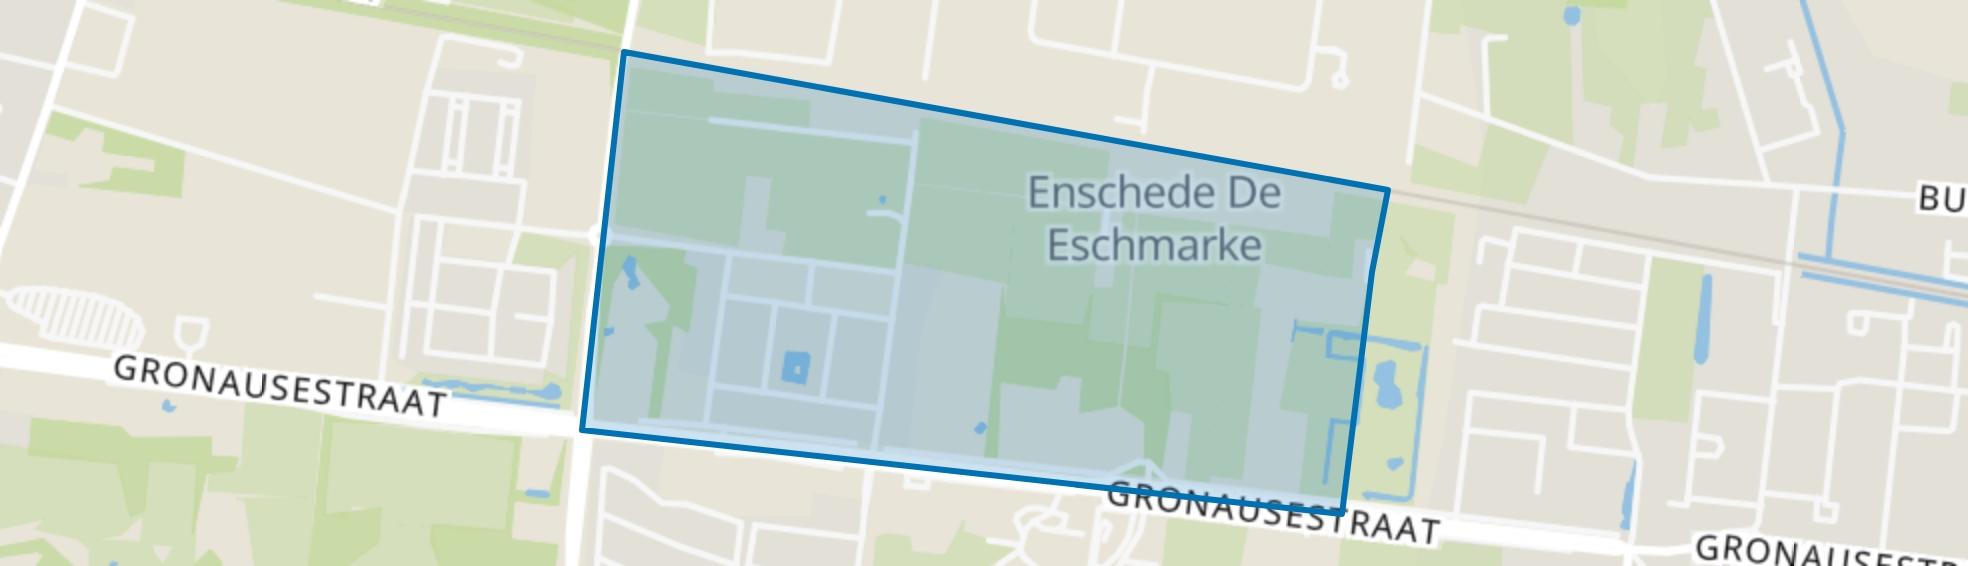 Dolphia, Enschede map